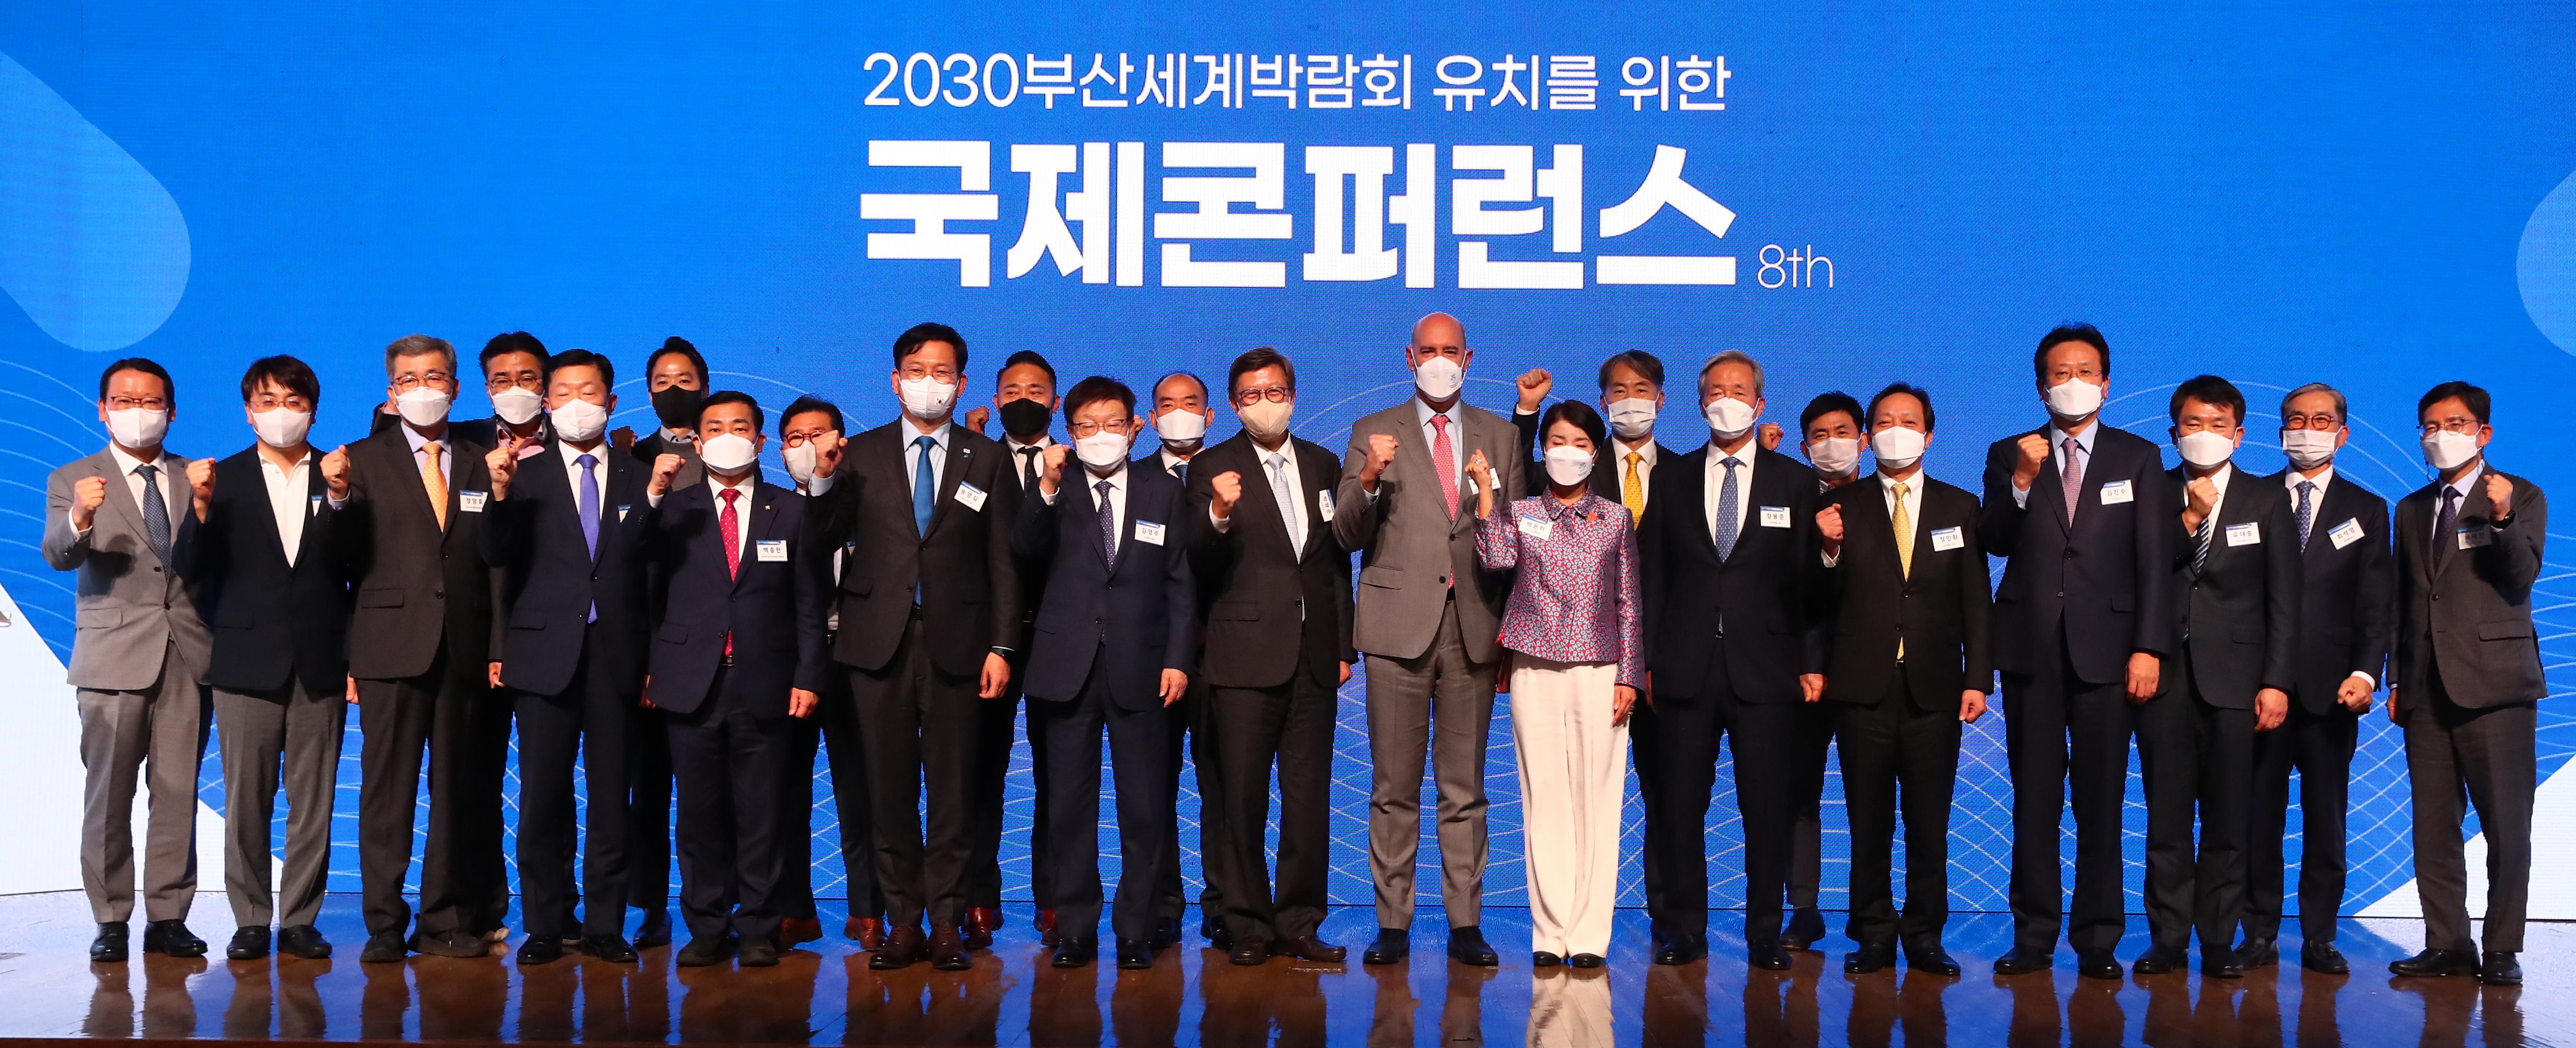 '2030부산세계박람회' 유치를 위한 국제콘퍼런스 개최